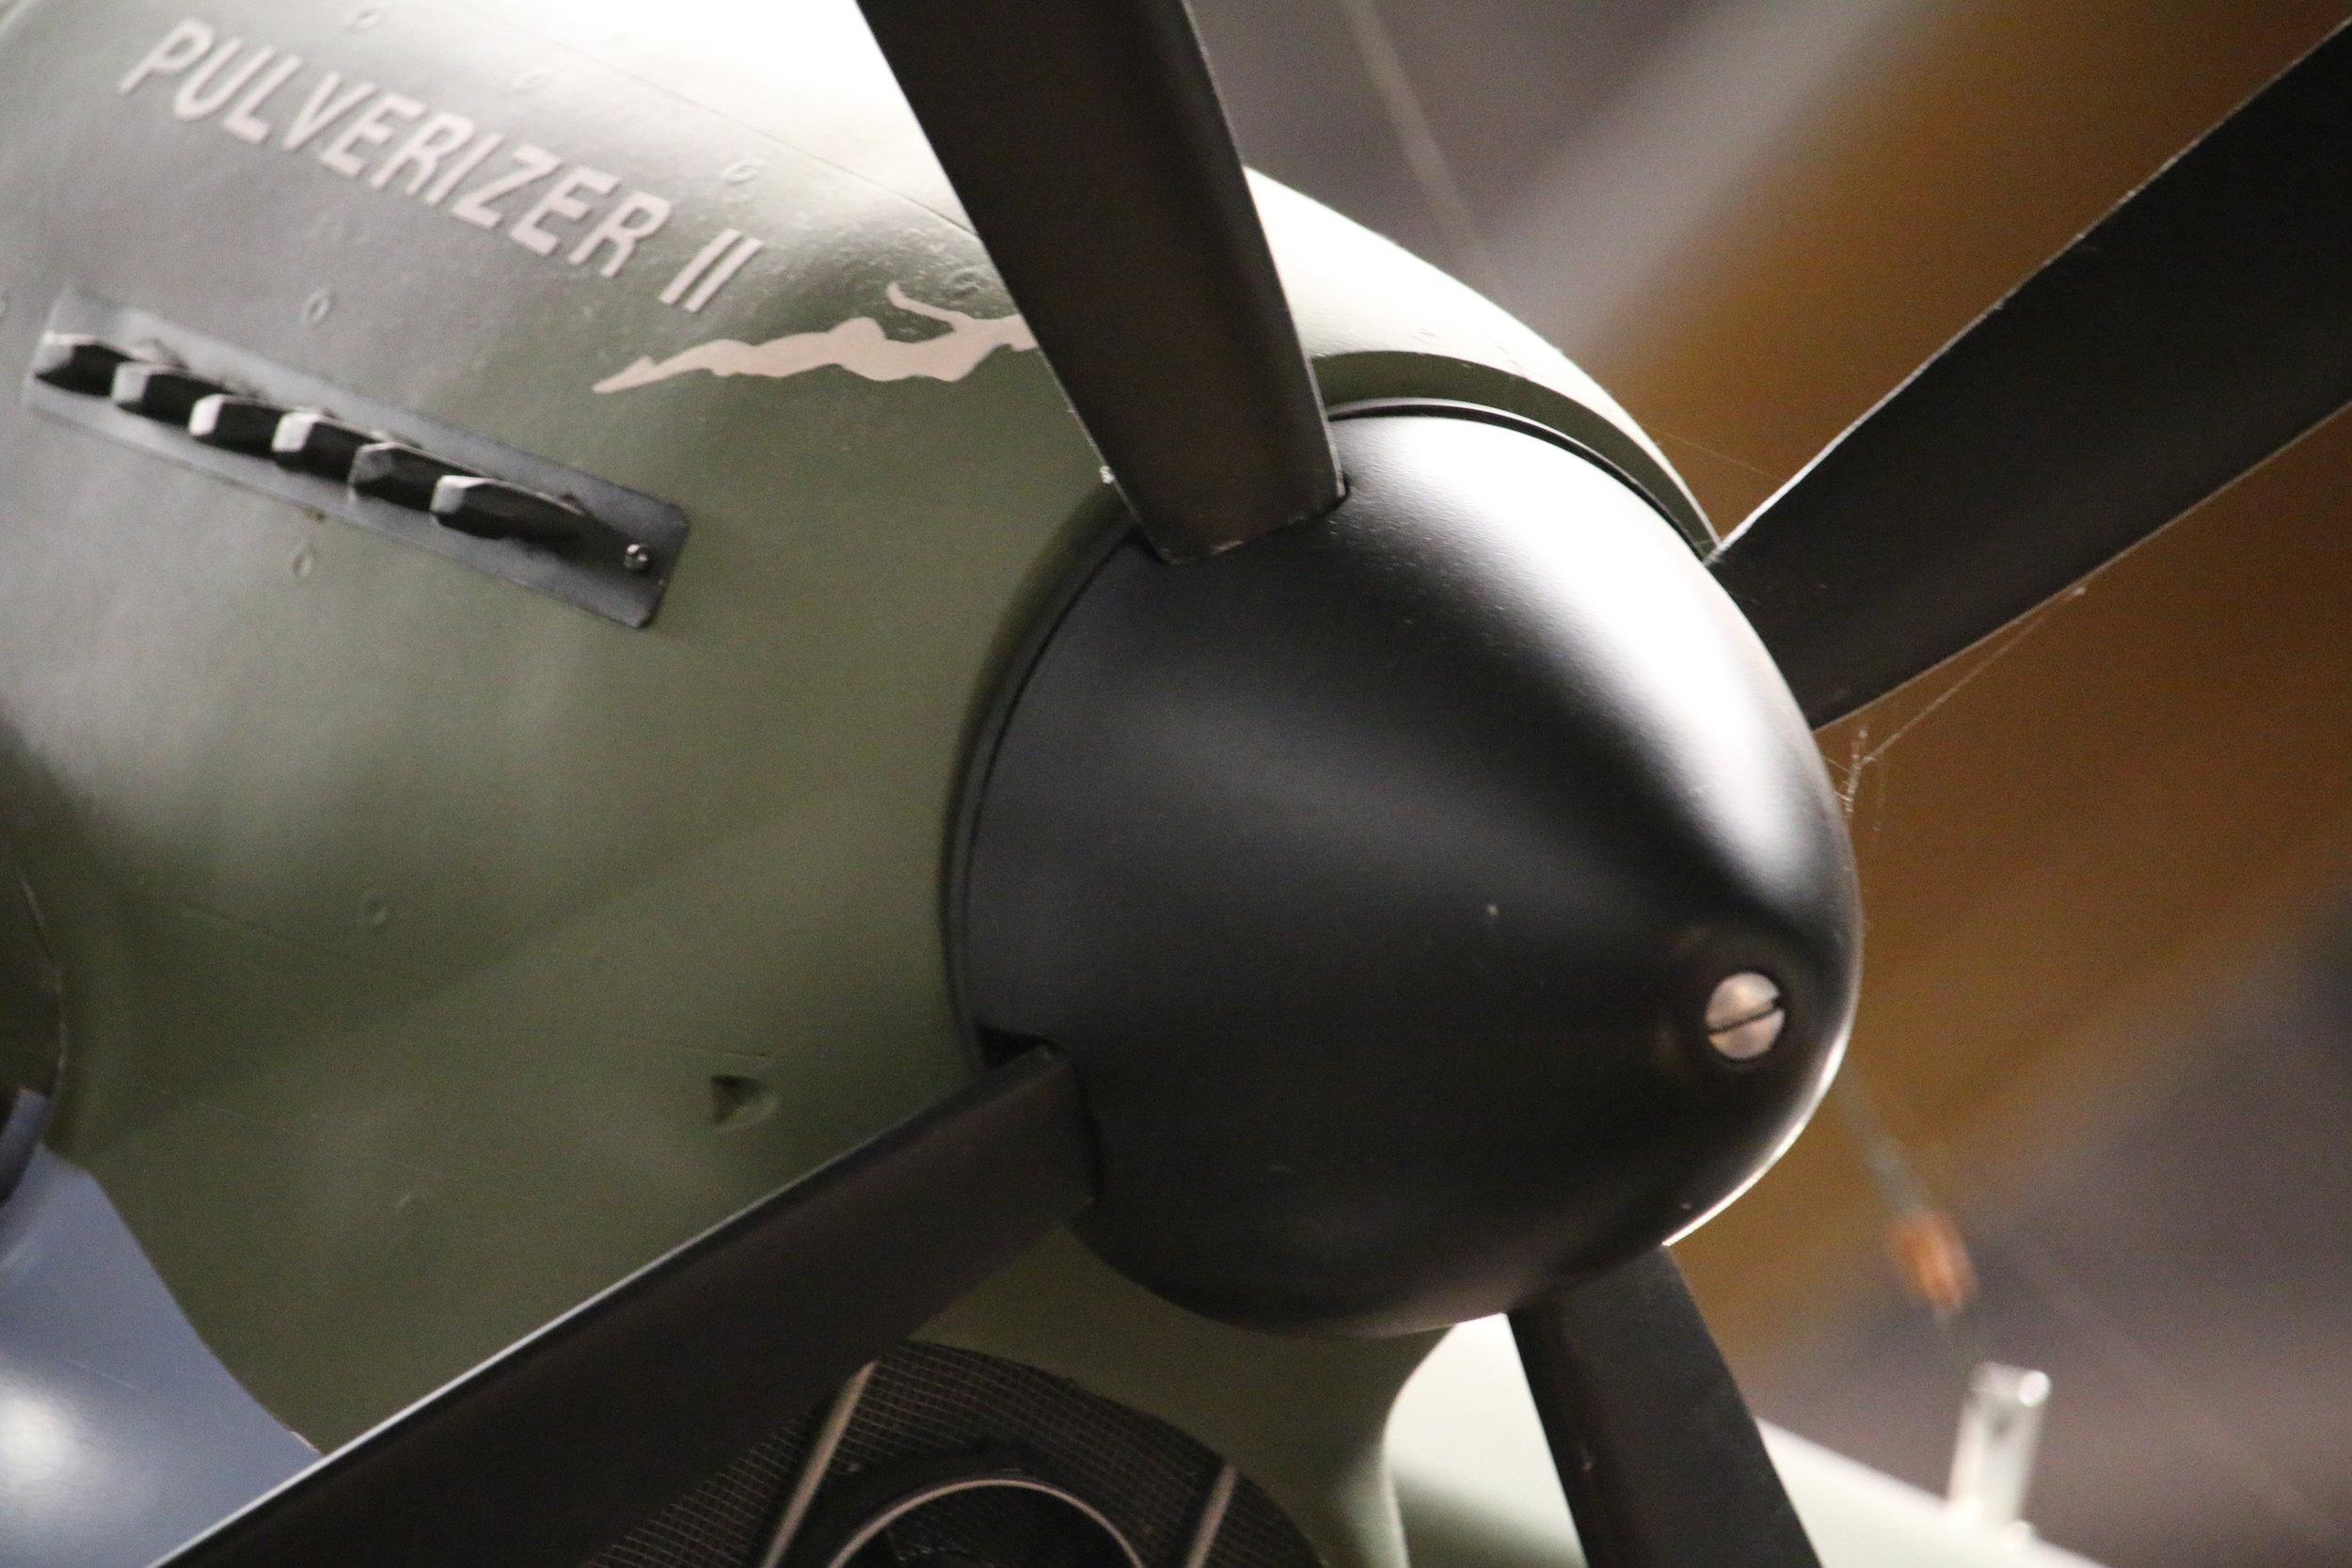 B1FE1DFB-0717-412E-AA07-AE3FE64D6634.jpeg